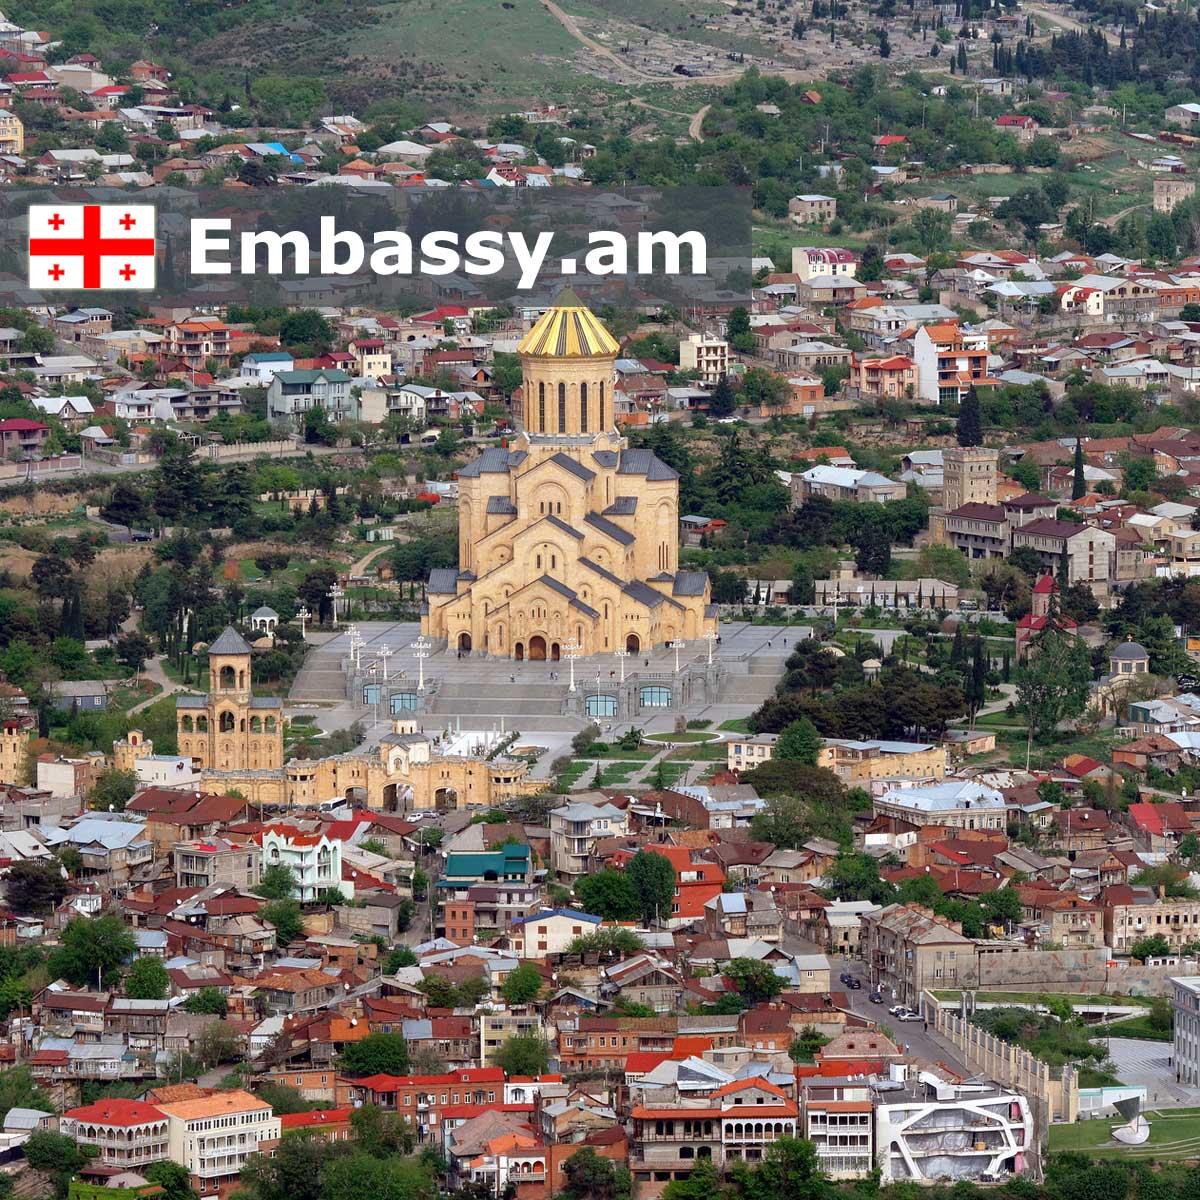 Отели в Грузии - Embassy.am